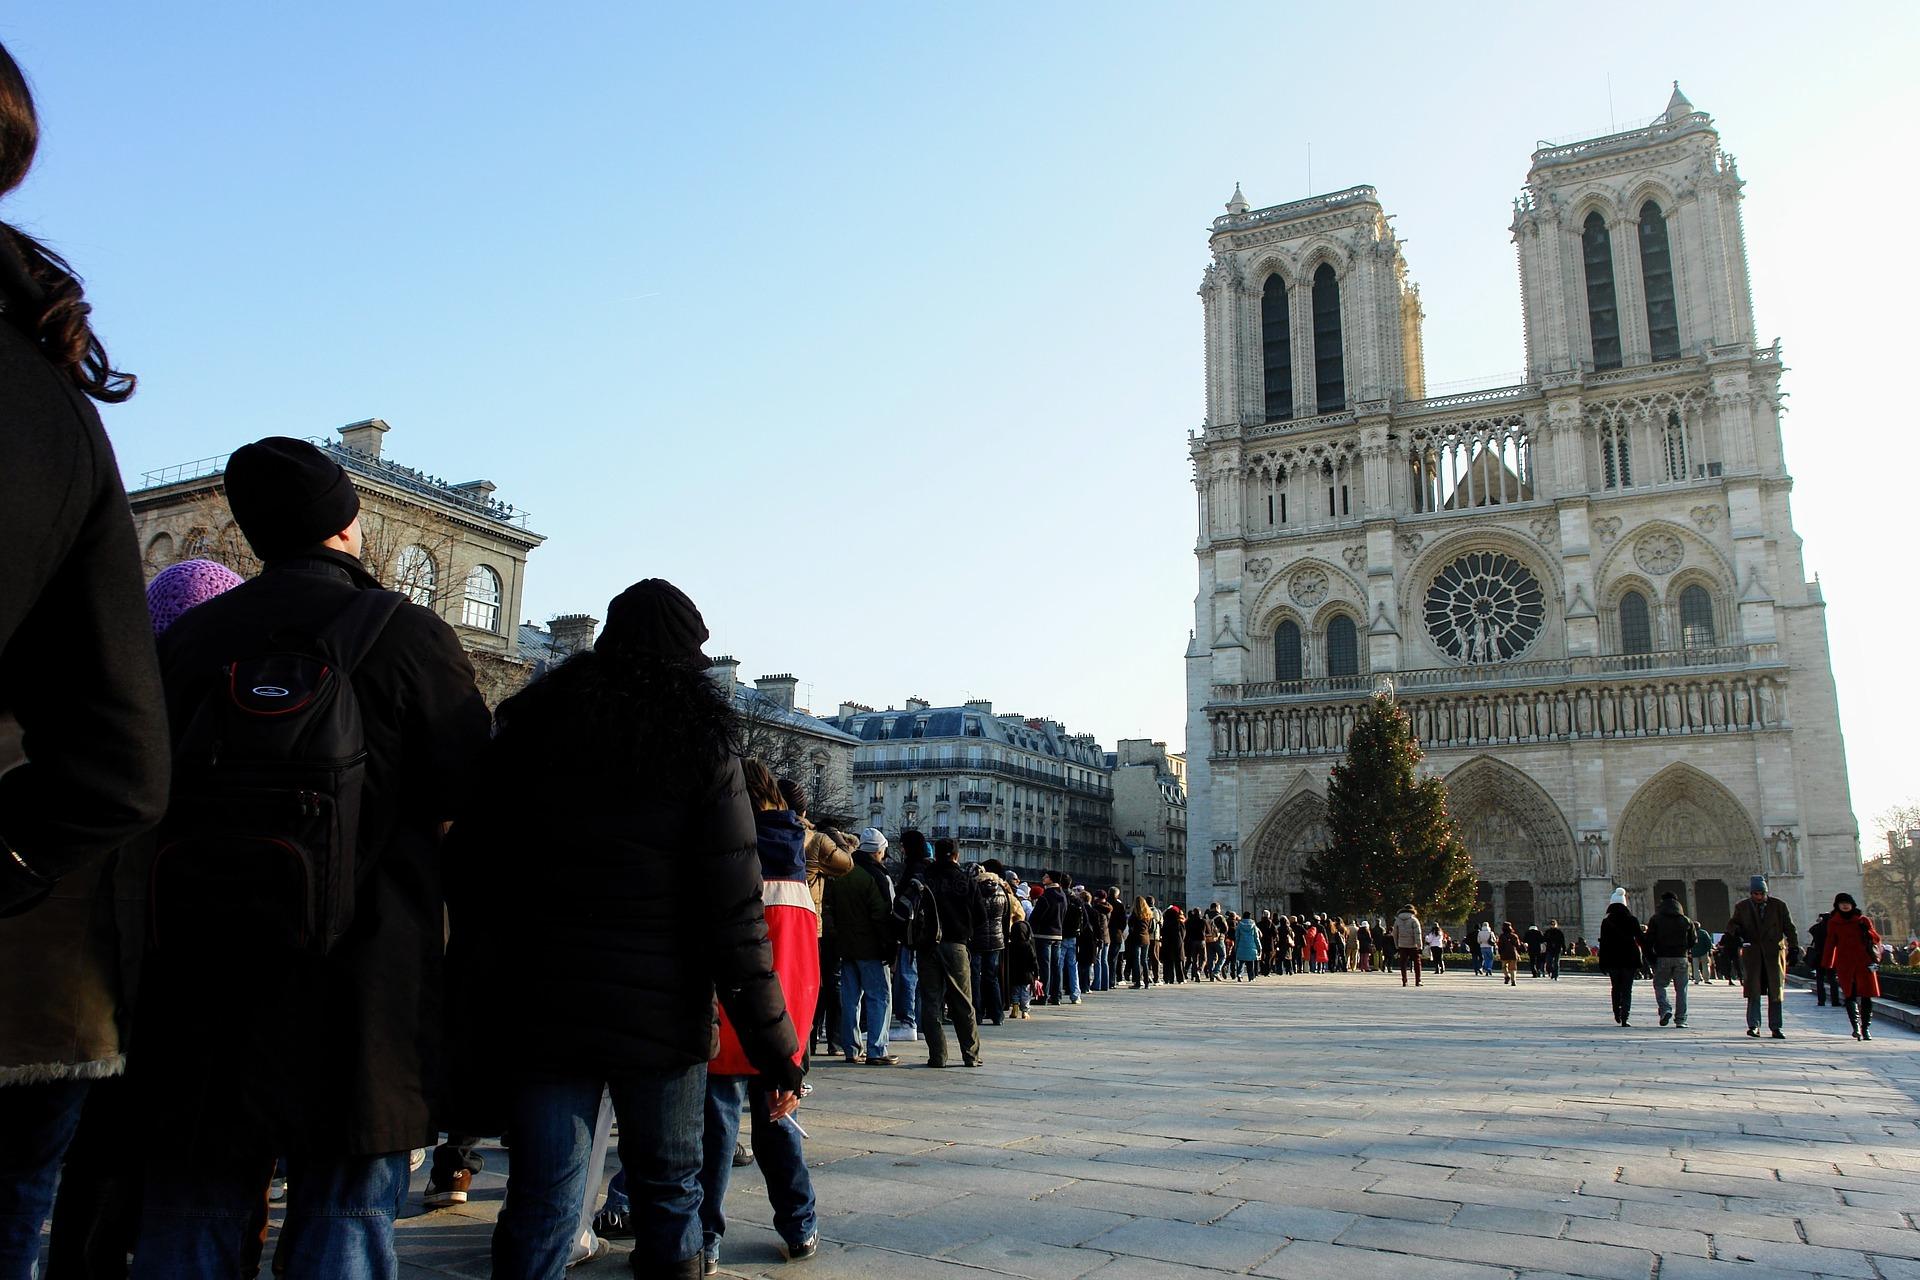 Pařížskou katedrálu Notre-Dame navštíví každý den až 30 tisíc lidí